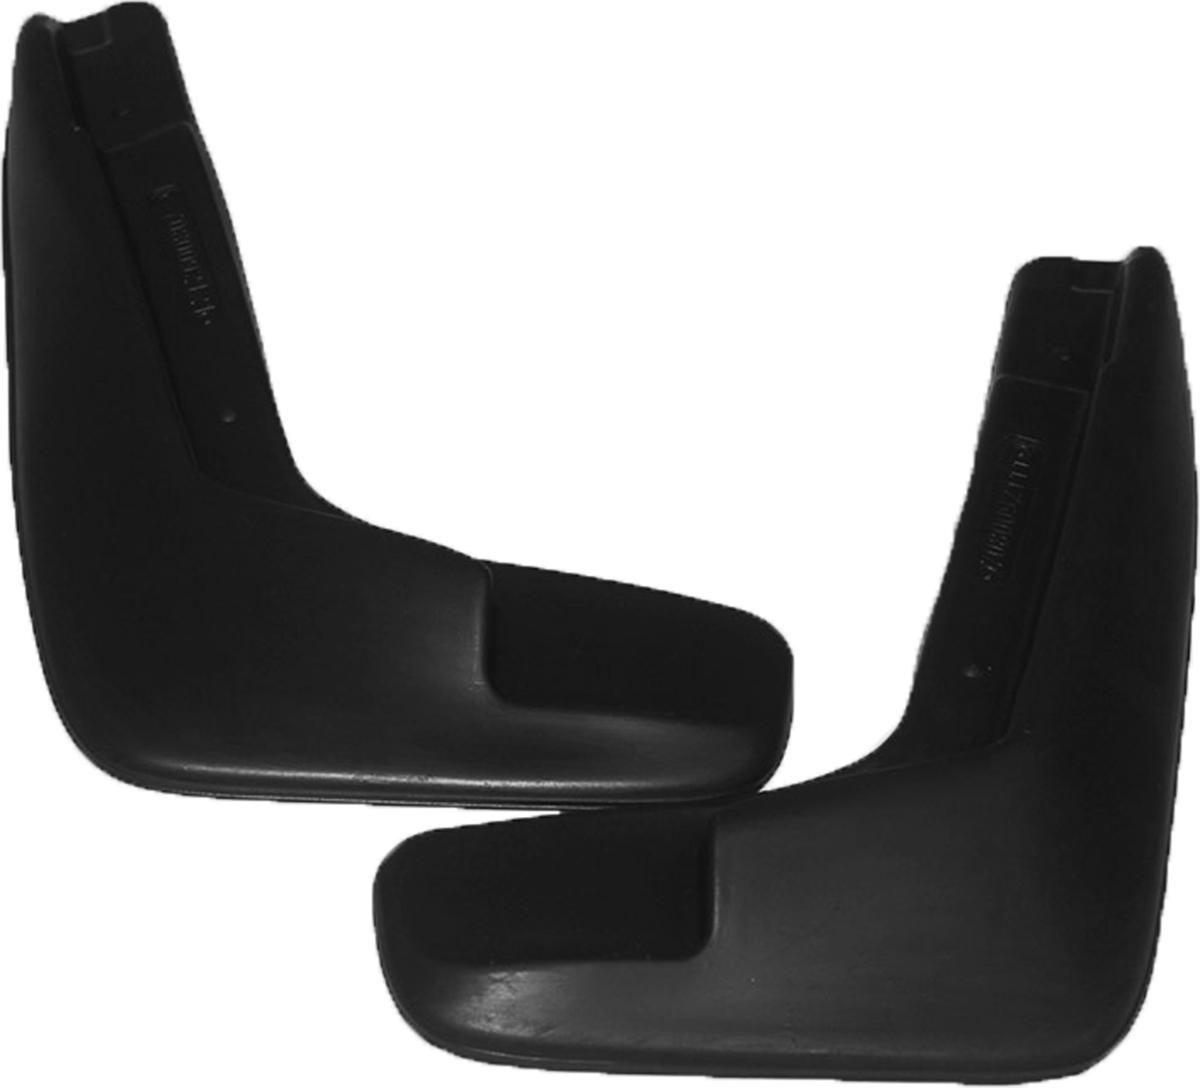 Комплект передних брызговиков L.Locker, для Lada Largus (12-)7080092151Брызговики L.Locker изготовлены из высококачественного полиуретана. Уникальный состав брызговиков допускает их эксплуатацию в широком диапазоне температур: от -50°С до +80°С. Эффективно защищают кузов автомобиля от грязи и воды - формируют аэродинамический поток воздуха, создаваемый при движении вокруг кузова таким образом, чтобы максимально уменьшить образование грязевой измороси, оседающей на автомобиле. Разработаны индивидуально для каждой модели автомобиля, с эстетической точки зрения брызговики являются завершением колесной арки.